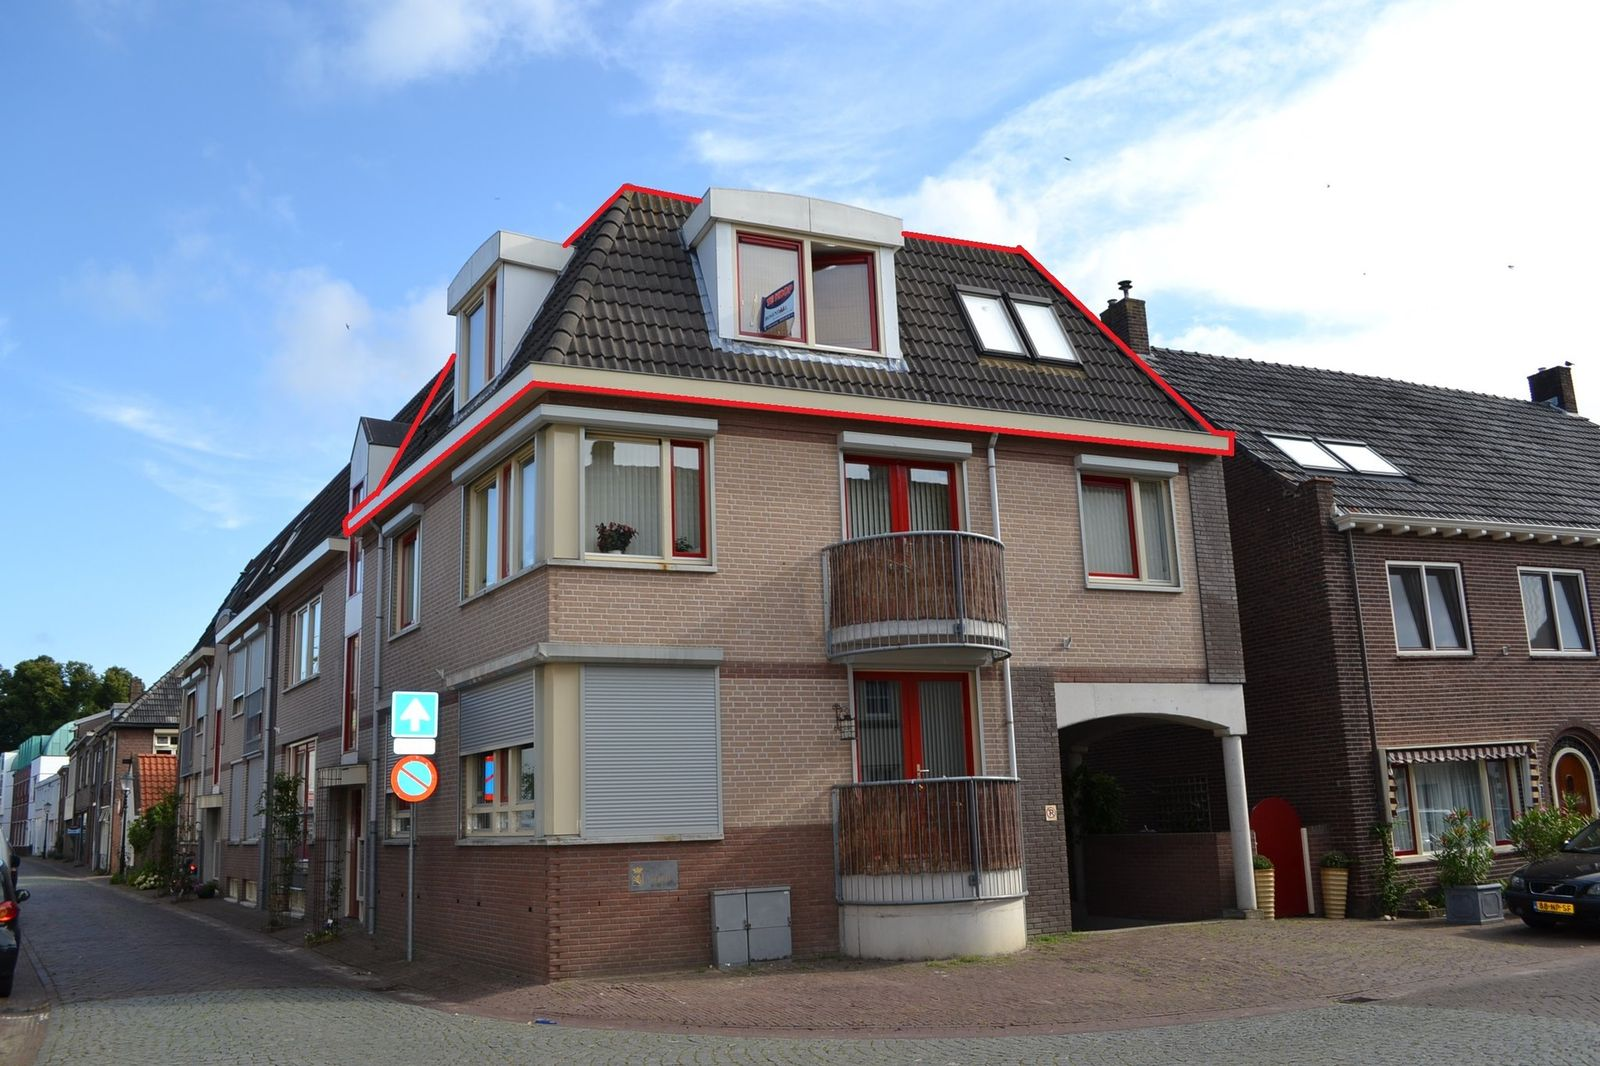 Kellenstraat 33, 's-heerenberg